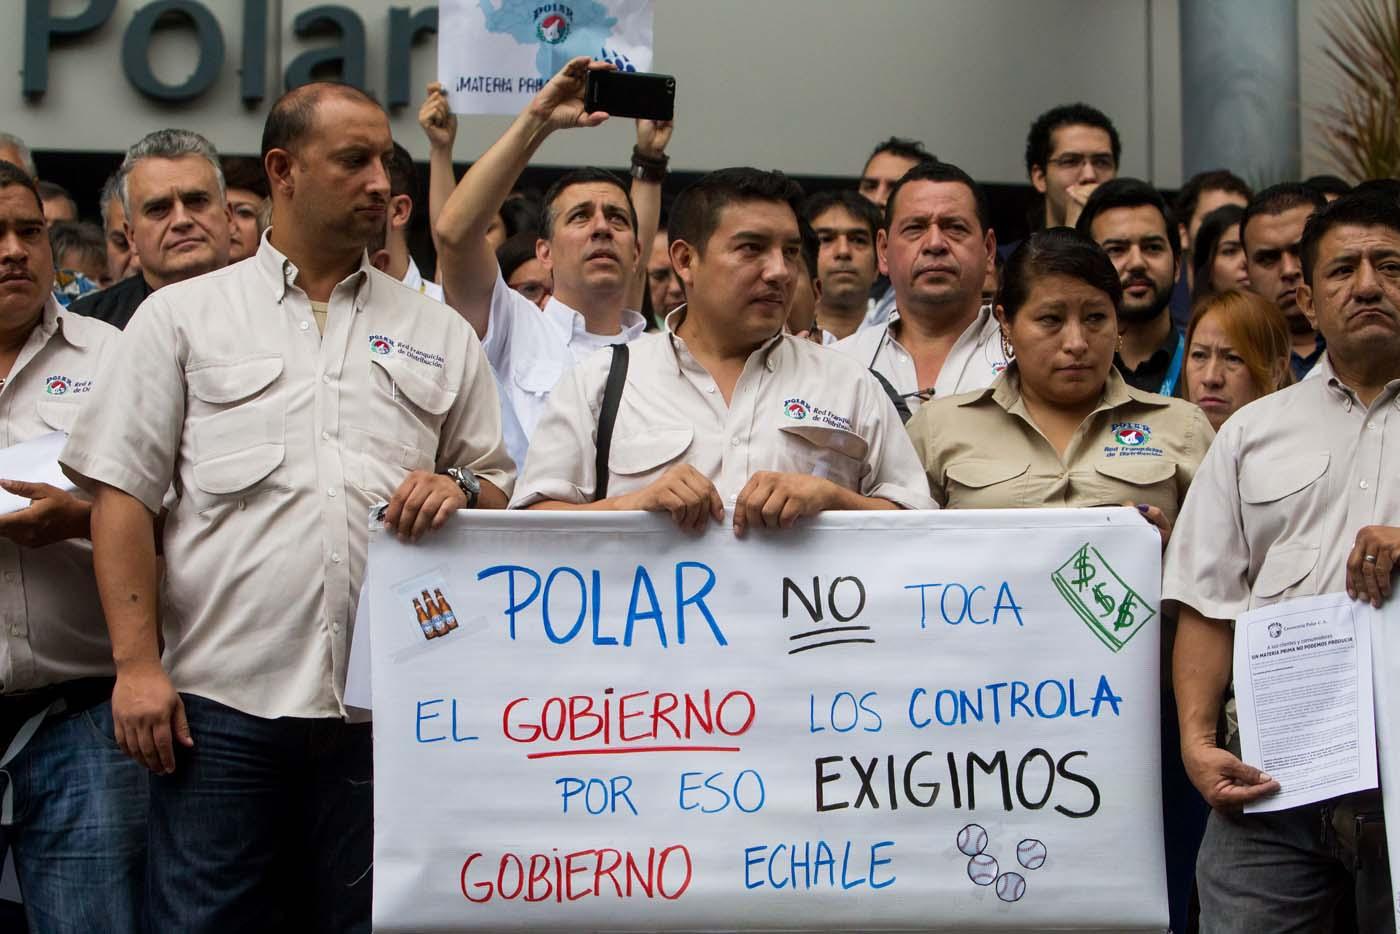 CAR23. CARACAS (VENEZUELA) 22/04/2016.- Trabajadores de empresas Polar participan en una manifestación en las inmediaciones de su edificio hoy, viernes 22 de abril del 2016, en la ciudad de Caracas (Venezuela). Los trabajadores del consorcio Polar, la principal compañía de alimentos de Venezuela, demandaron hoy al Gobierno que liquide divisas para honrar los compromisos con proveedores e importar materiales para poder continuar con sus operaciones en el país. EFE/MIGUEL GUTIÉRREZ